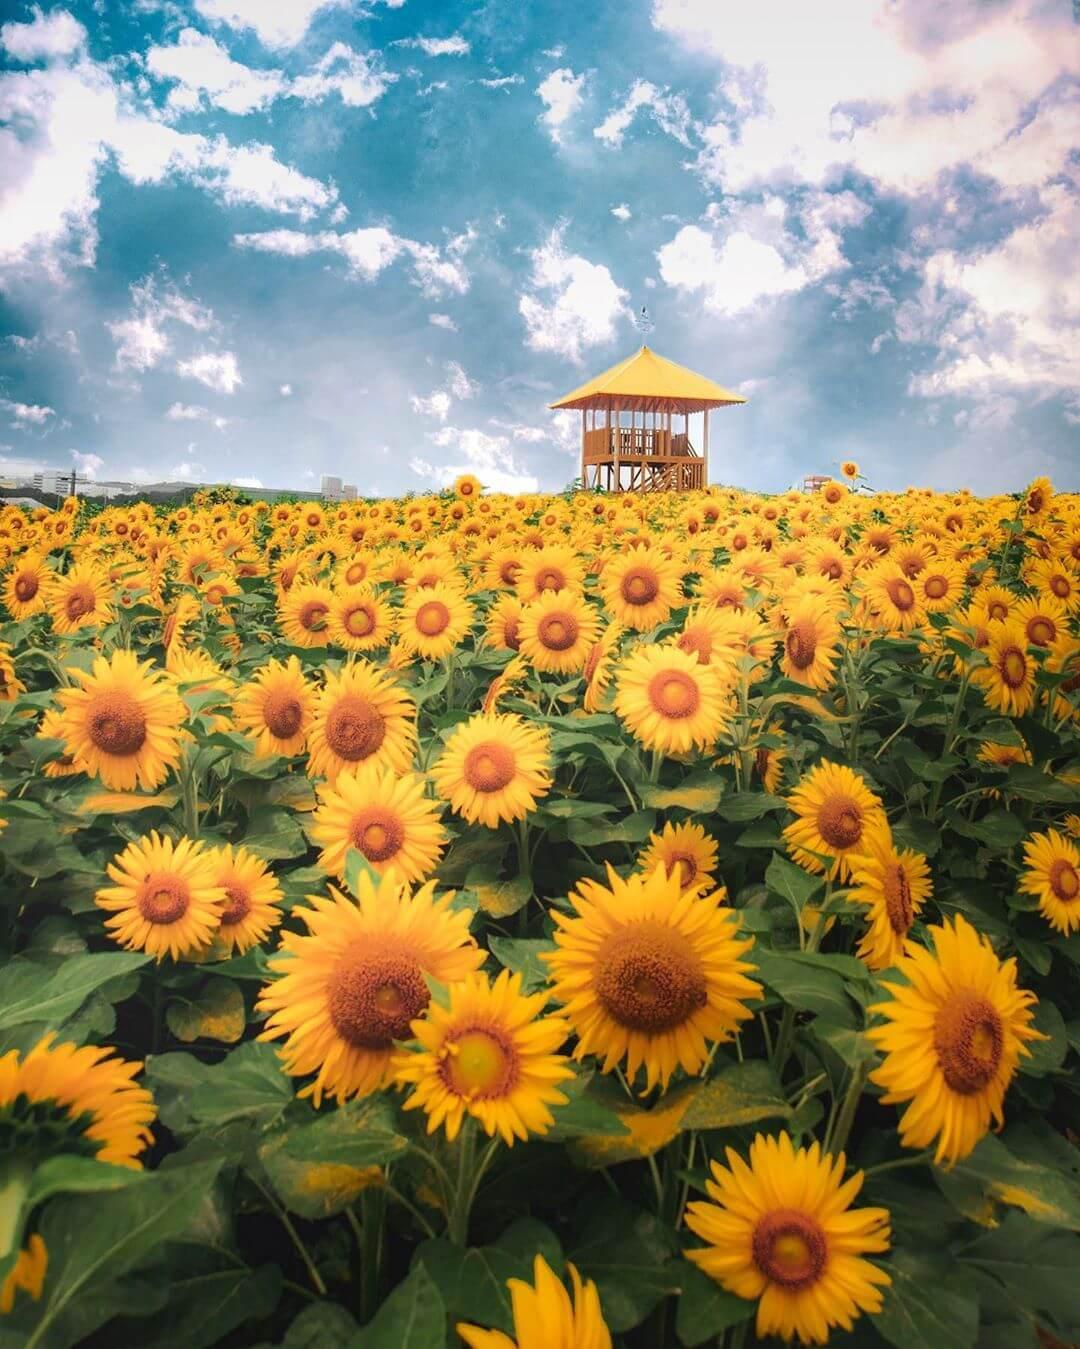 愛知牧場 ひまわり畑 観光スポット Aichi Sunflower sightseeing_Aichi Farm